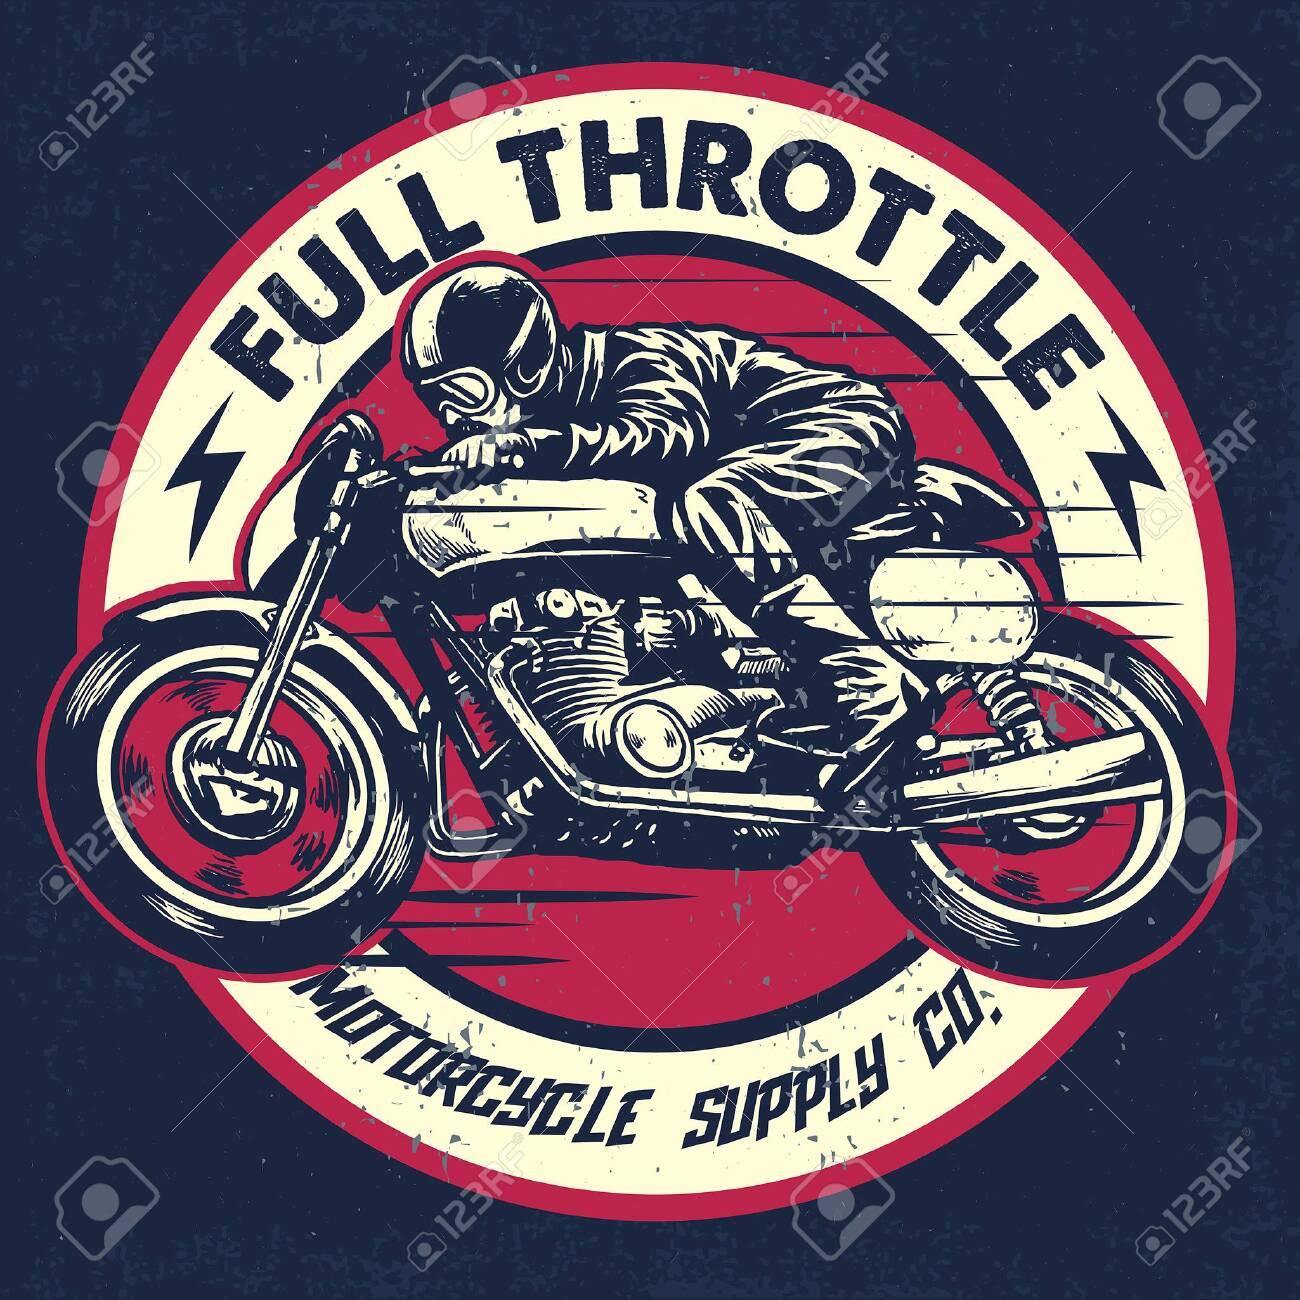 racing badge of motorcycle race in vintage style - 128381881